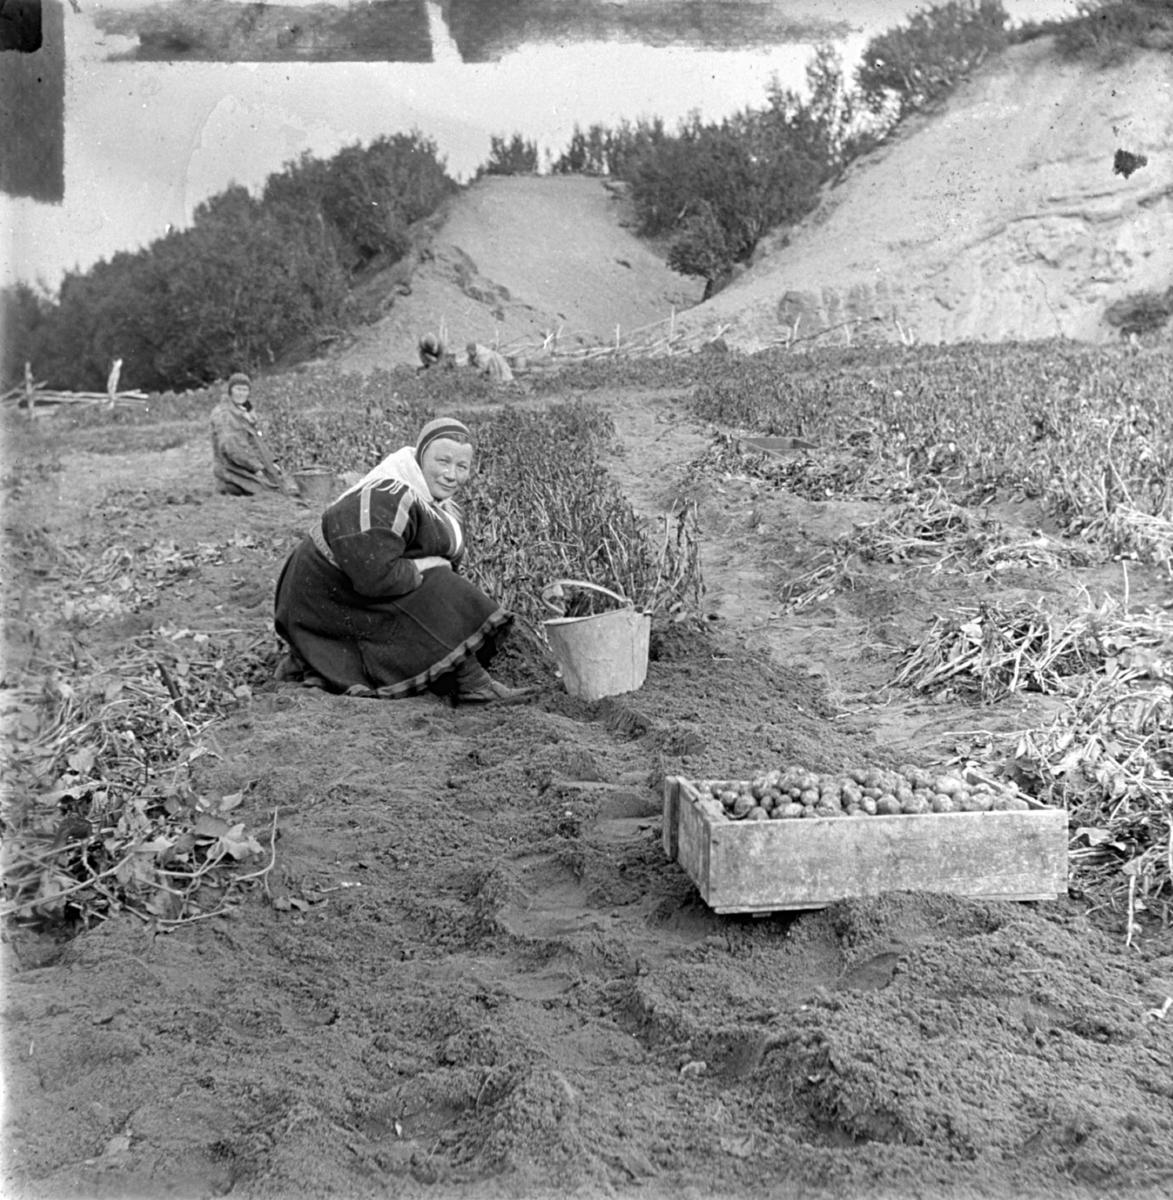 Potetdyrking. Samer som tar opp poteter fra åkeren. I forgrunnen står det en kasse poteter. Kvinnen i forgrunnen har en skinkbøtte som hun samler potetene i. Hun bærer samisk kofte, sjal og lue og har komager i skinn på bena.